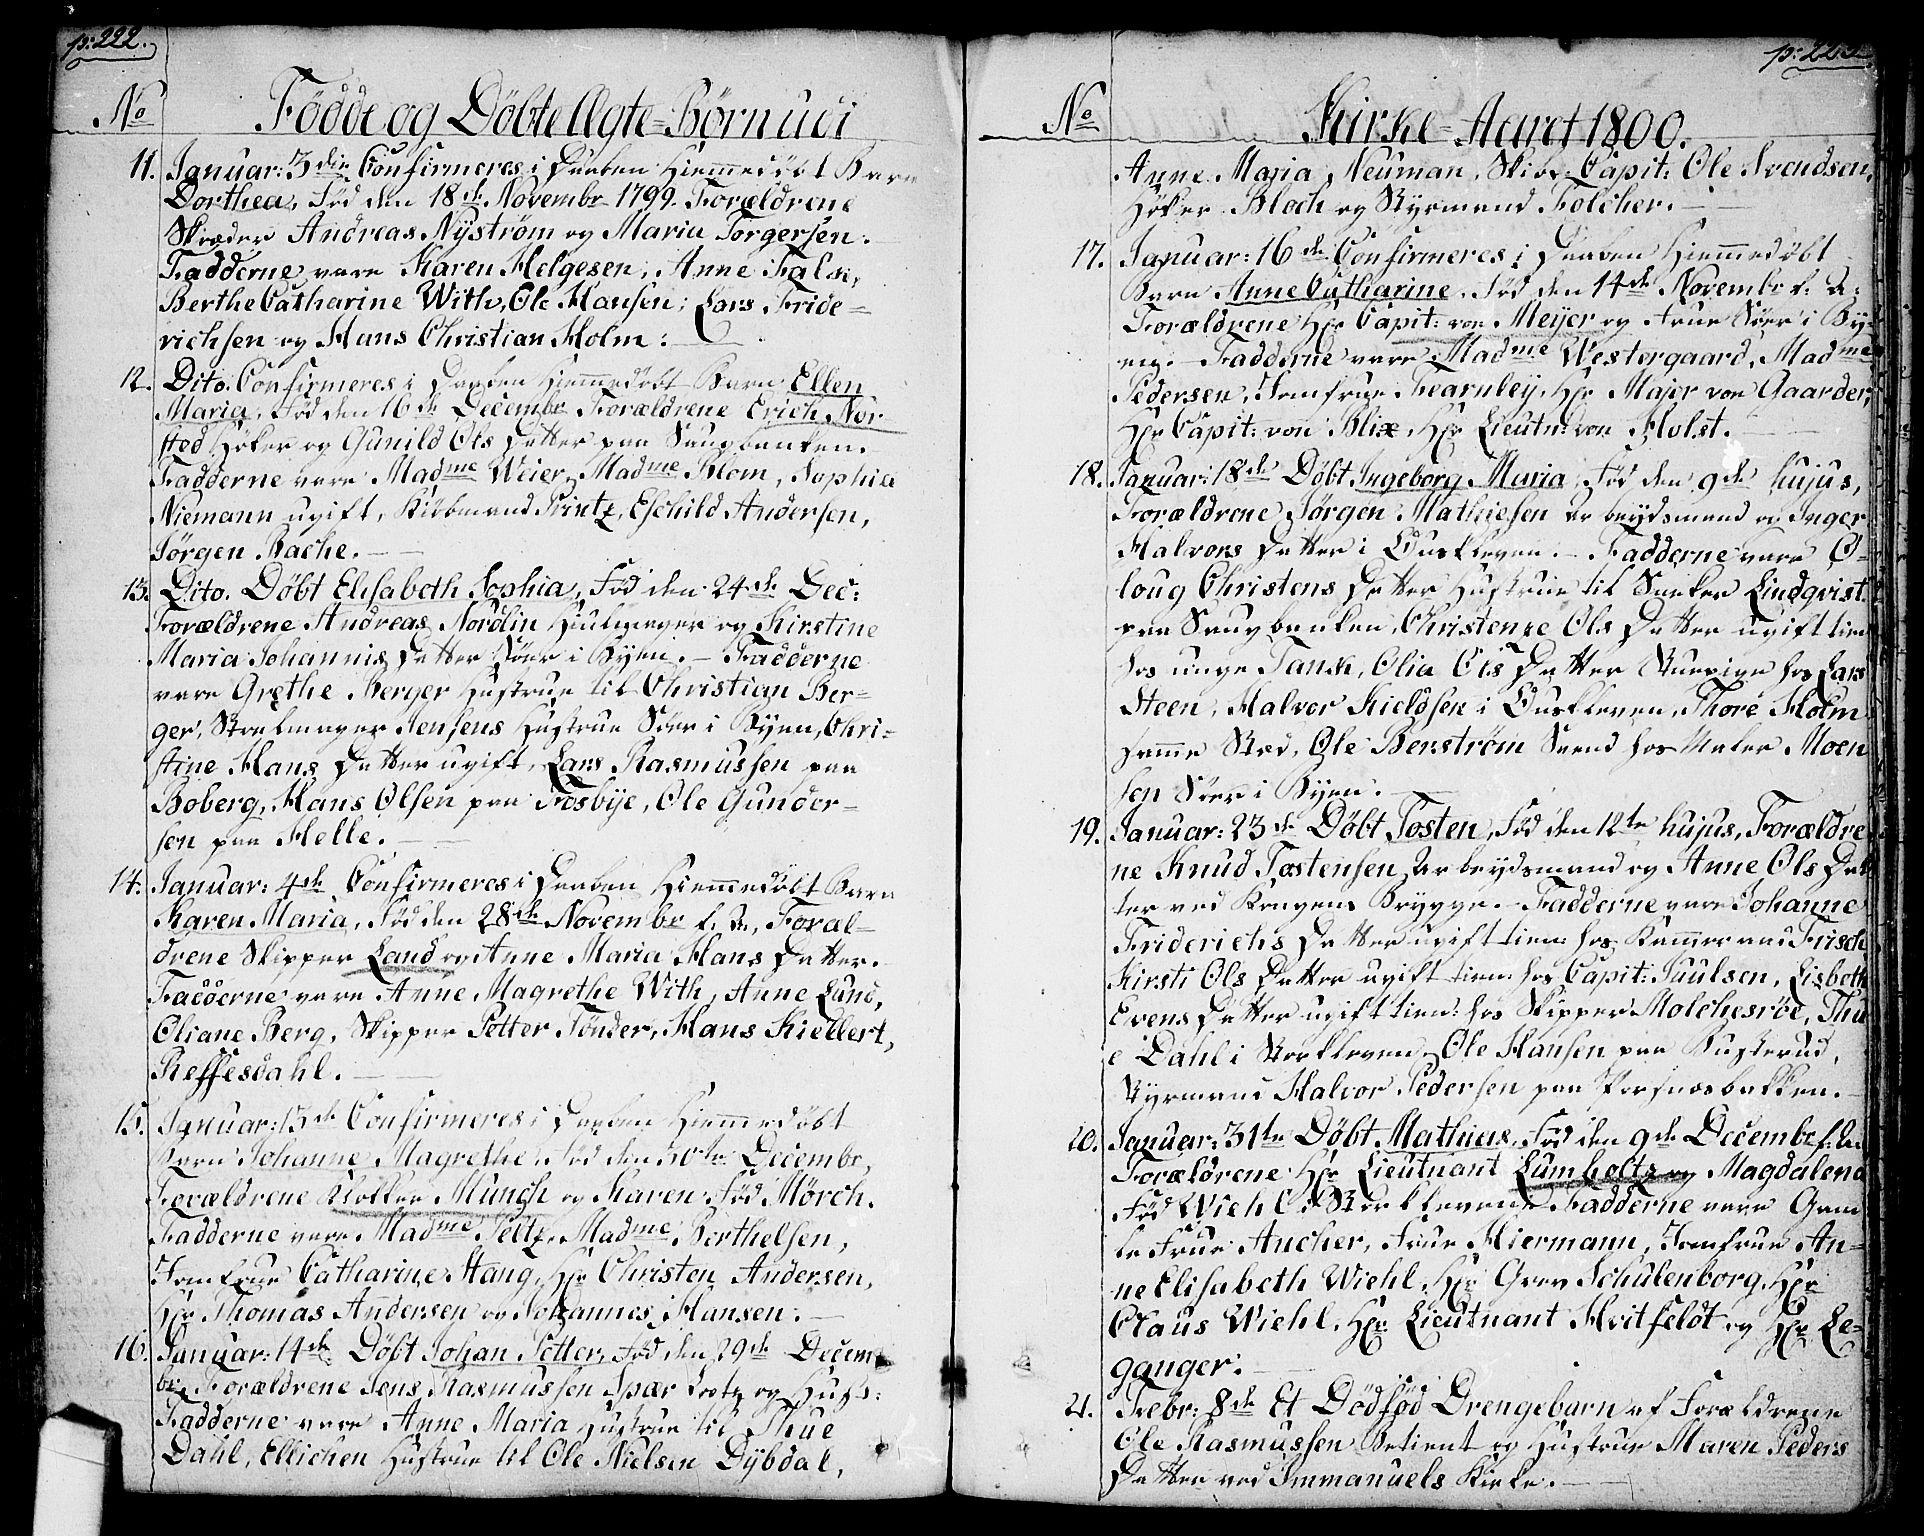 SAO, Halden prestekontor Kirkebøker, F/Fa/L0002: Ministerialbok nr. I 2, 1792-1812, s. 222-223